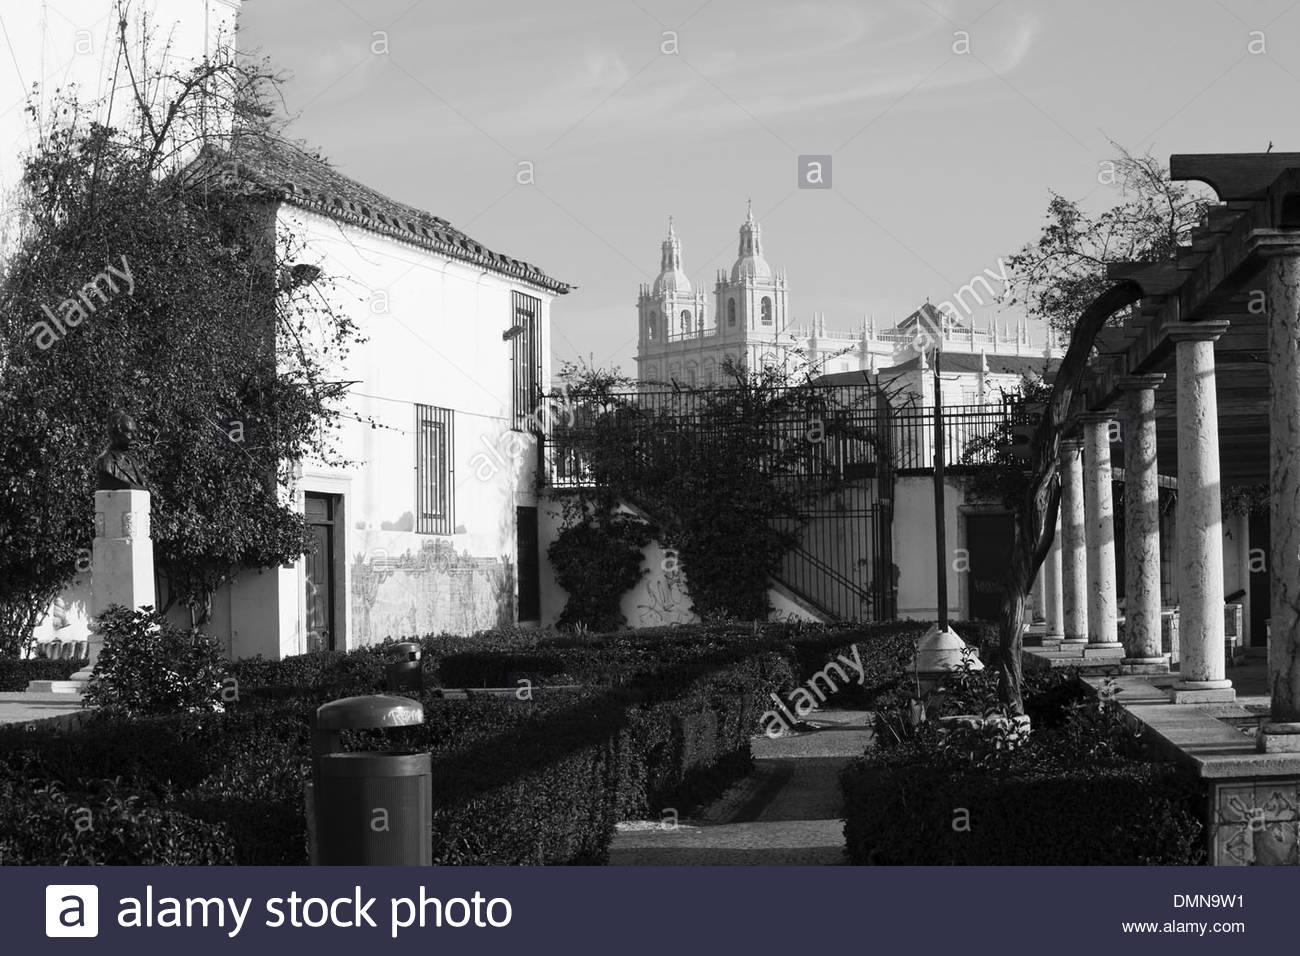 Black and white image of São Vicente de Fora church, Lisbon, Portugal - Stock Image